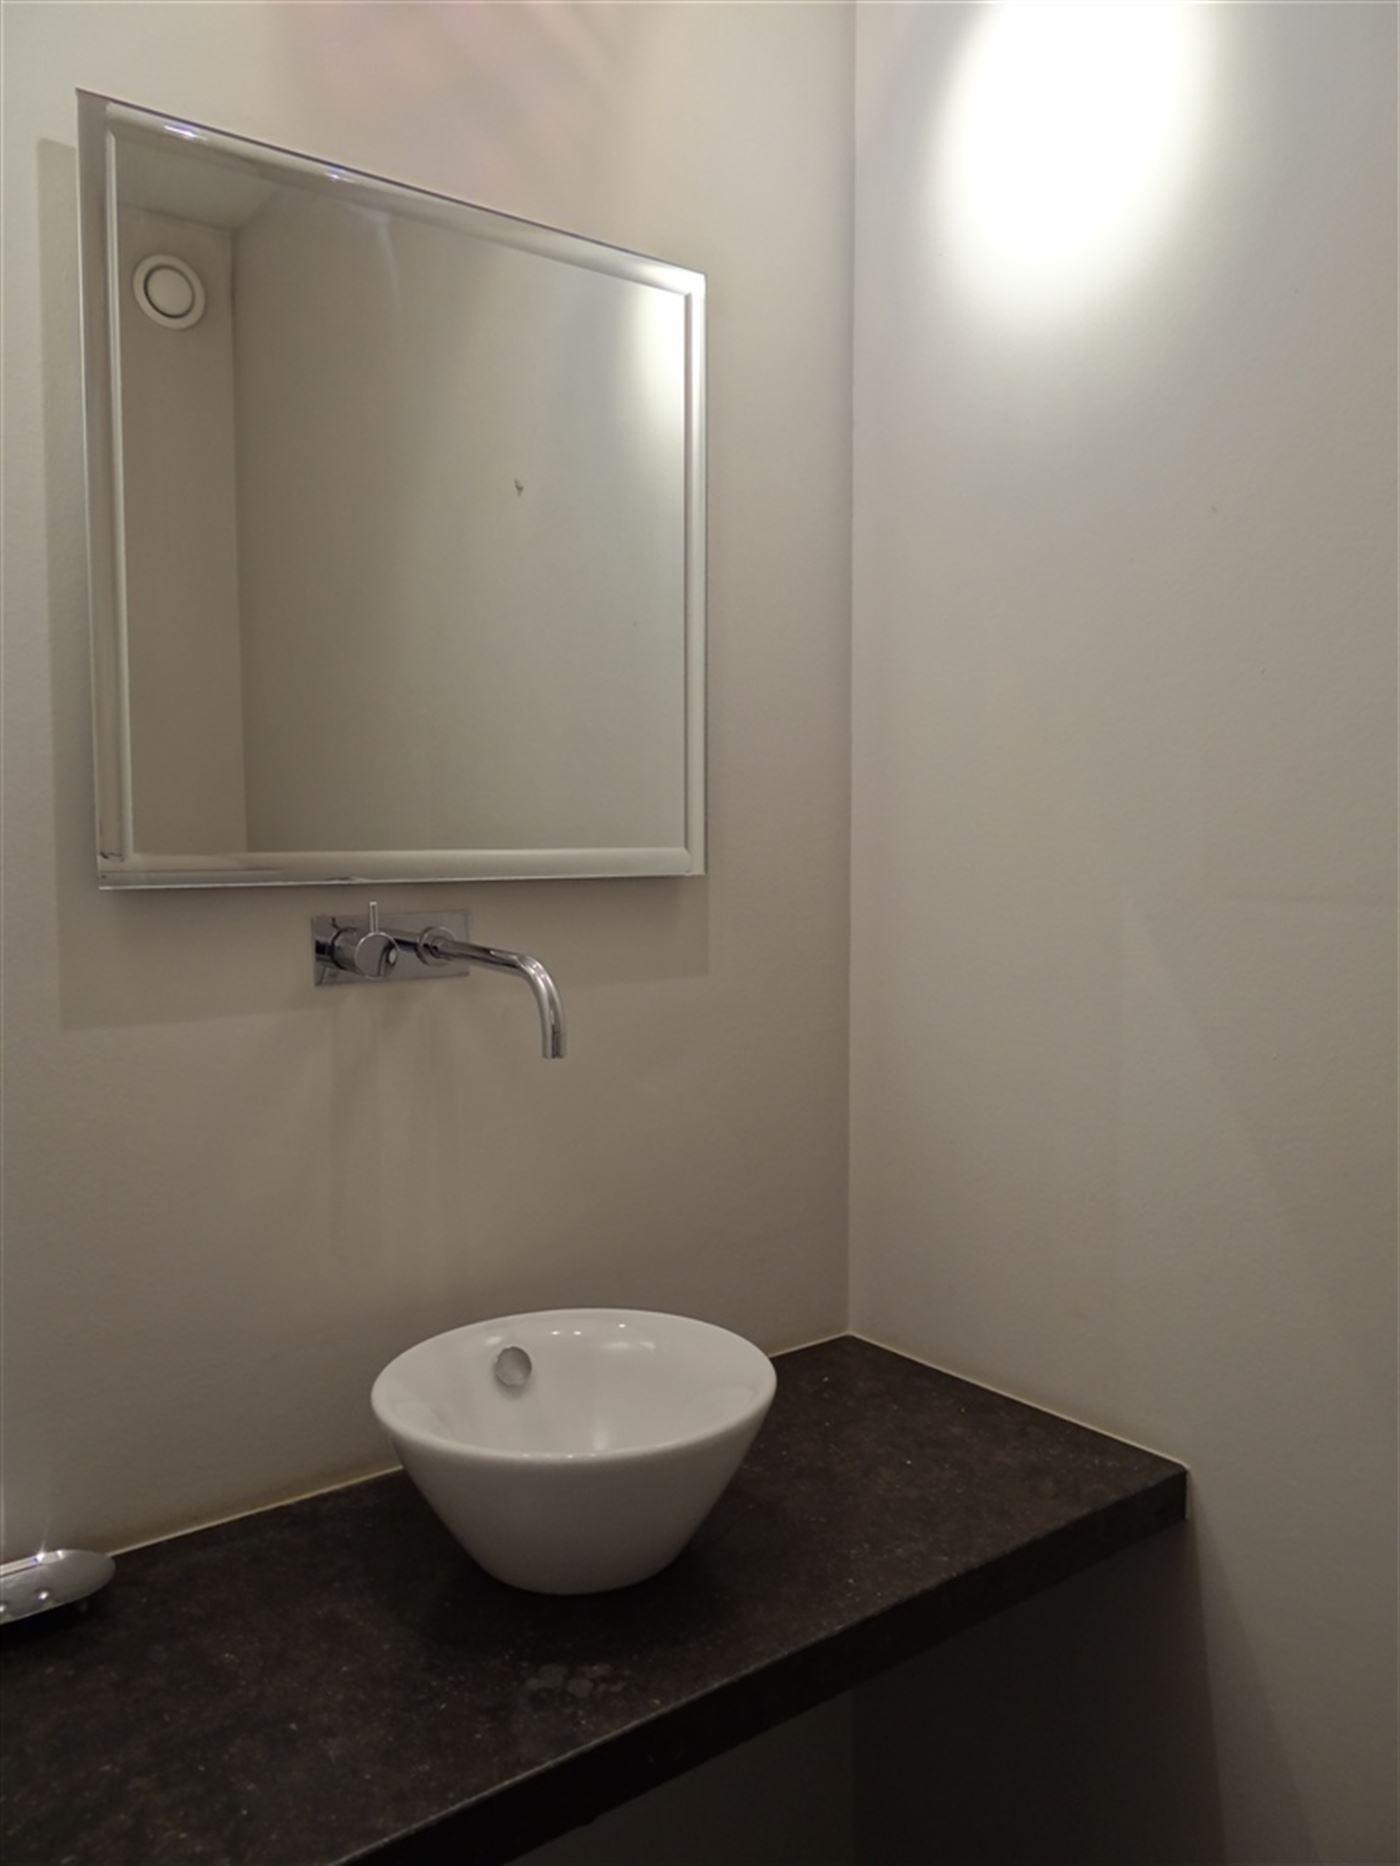 Res. Casino D1 164/0204 - Appartement d'exception de 150 m² avec 3 chambres à coucher - Finition impeccable et matériaux haut de gamme - Situation ...